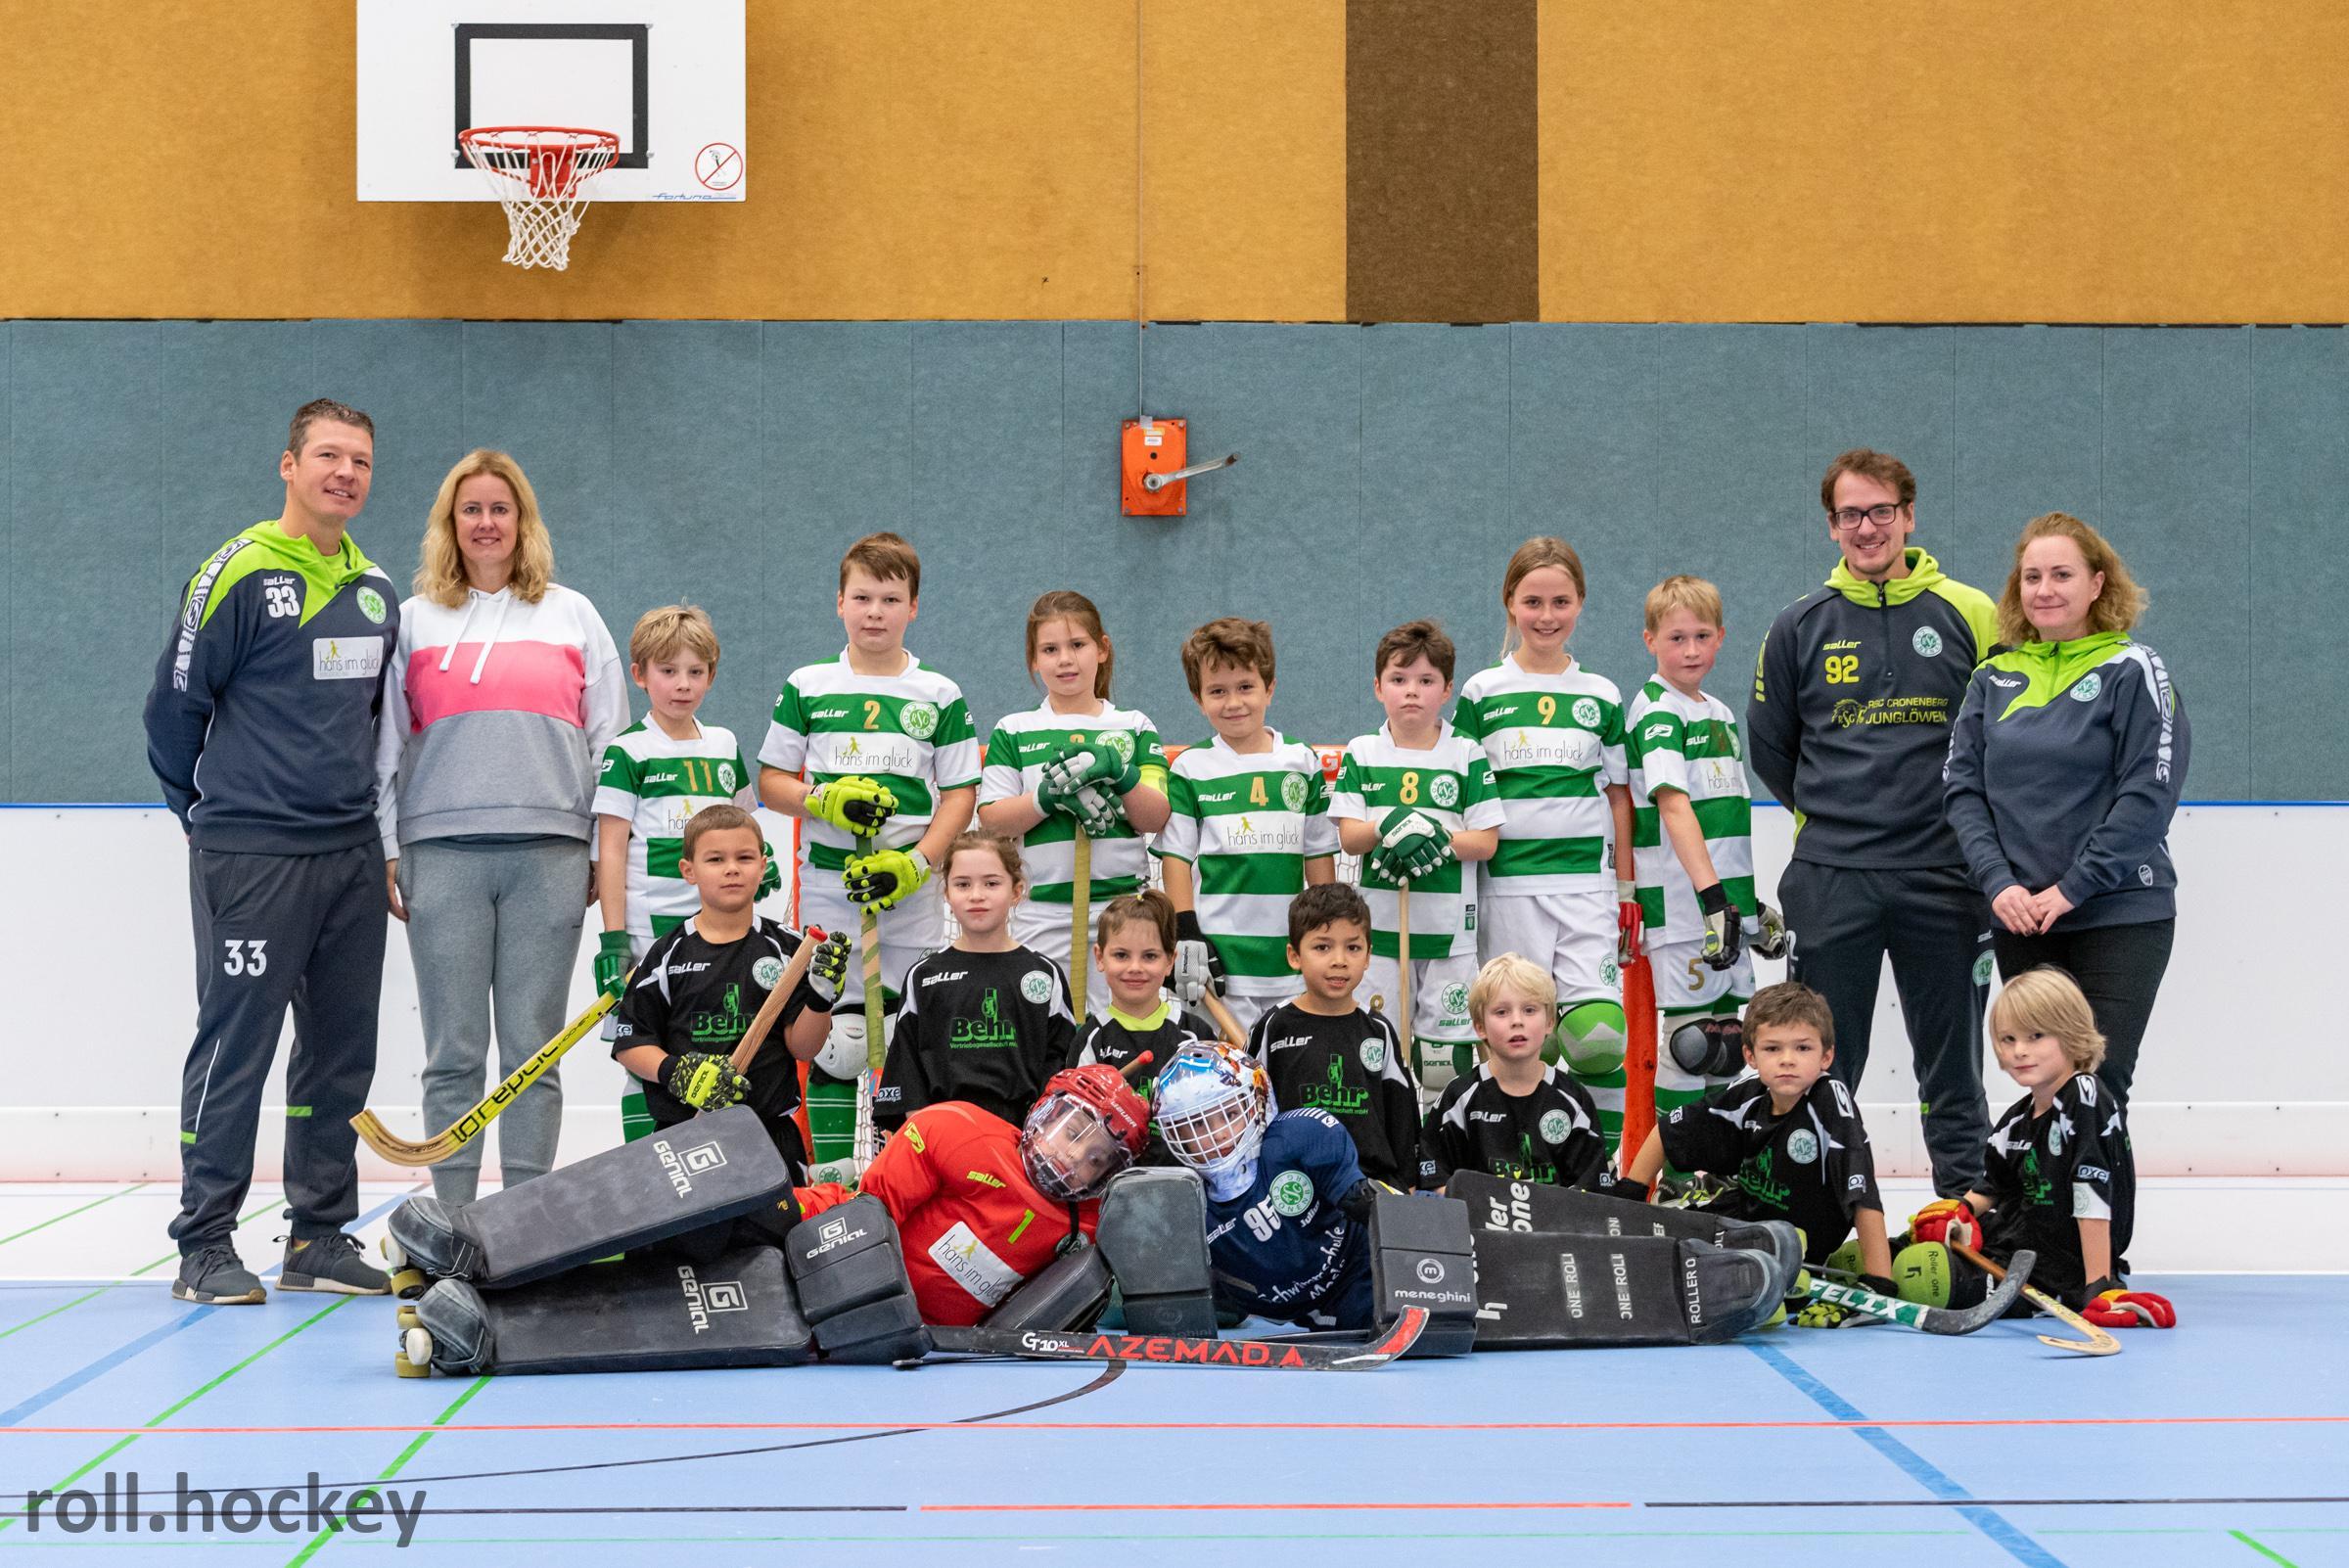 RSC Cronenberg Rollhockey Spieltag U11 10.11.2019